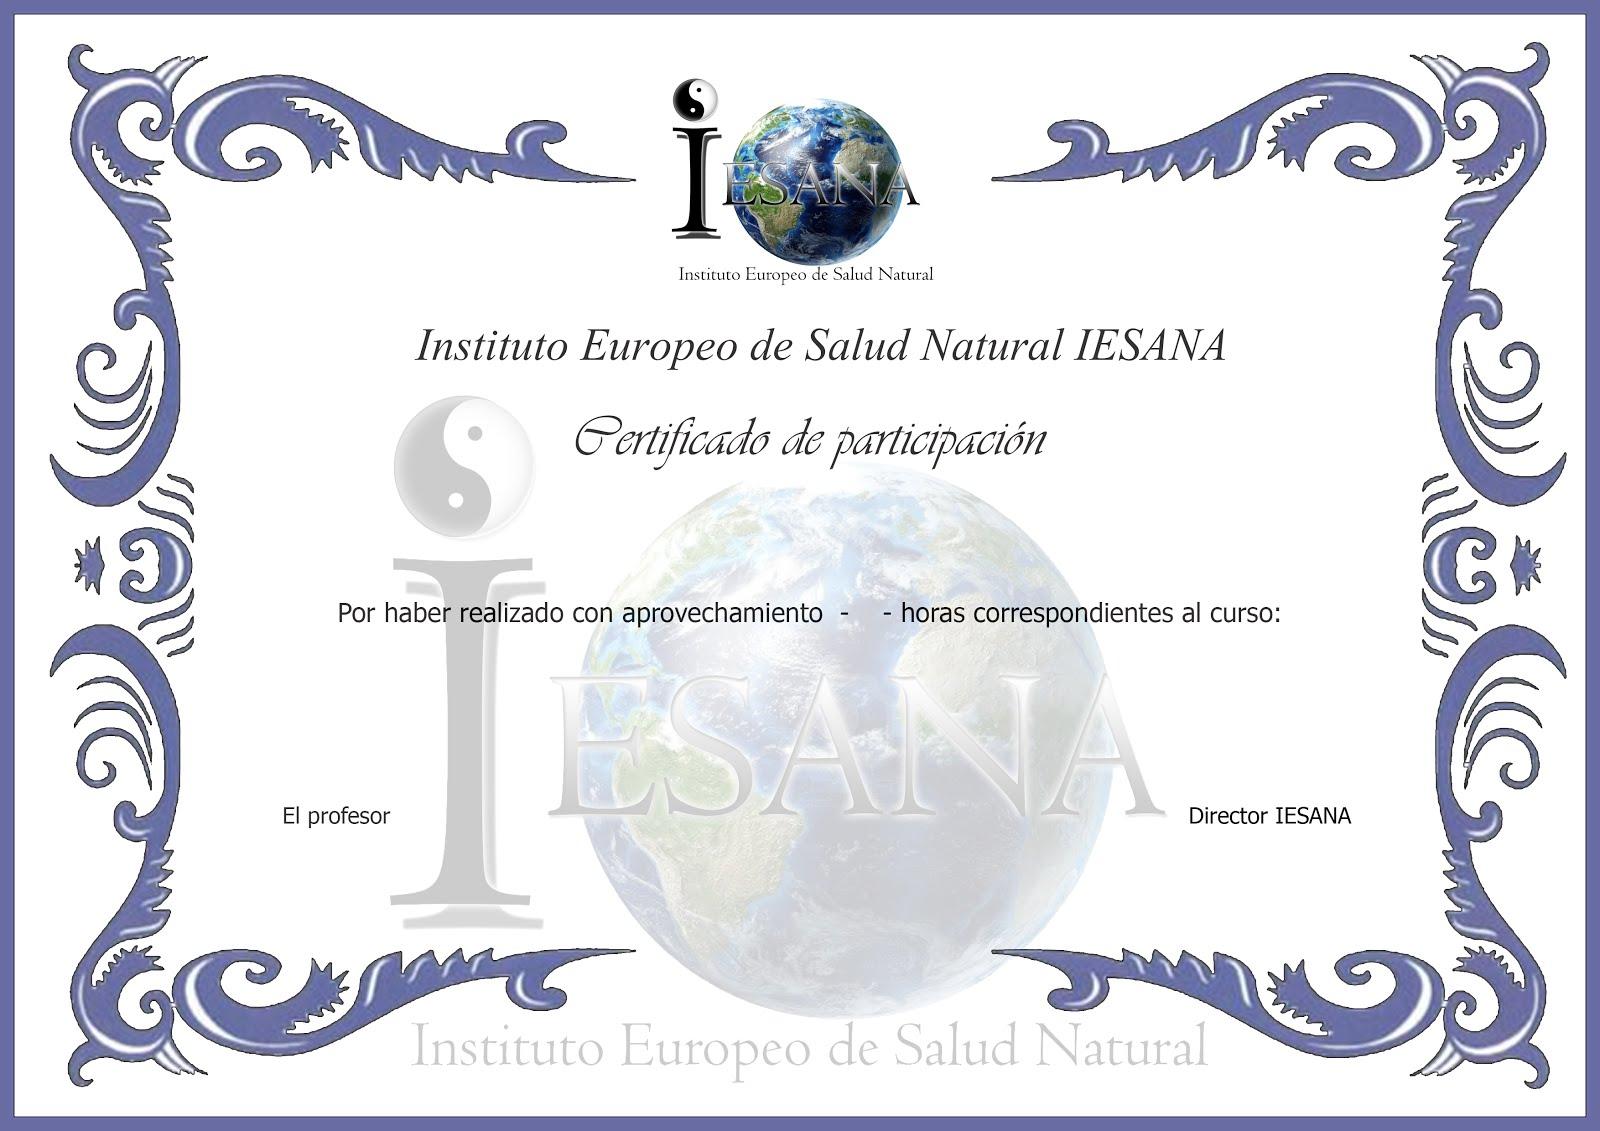 Al acabar tu curso recibirás un diploma acreditativo de la formación realizada.